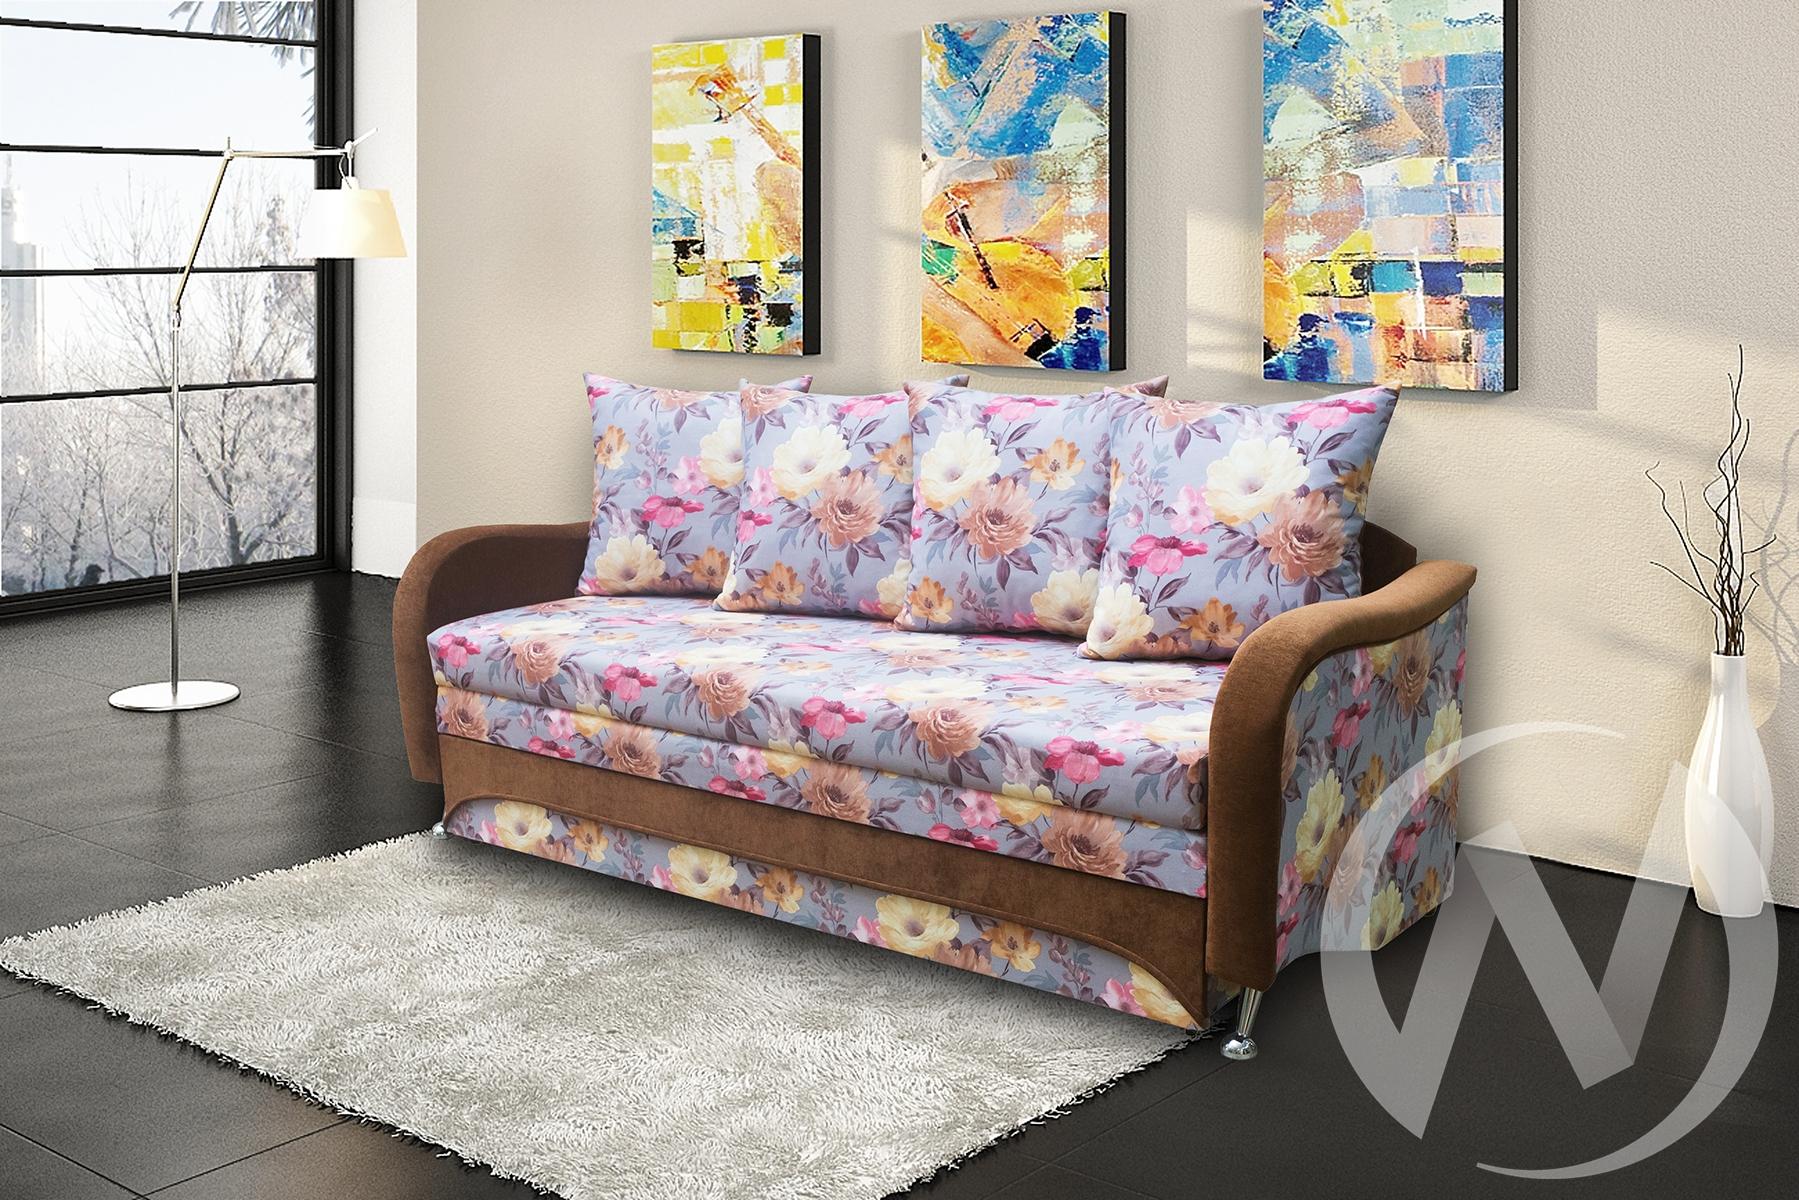 Диван прямой Соната кат. 2  в Томске — интернет магазин МИРА-мебель